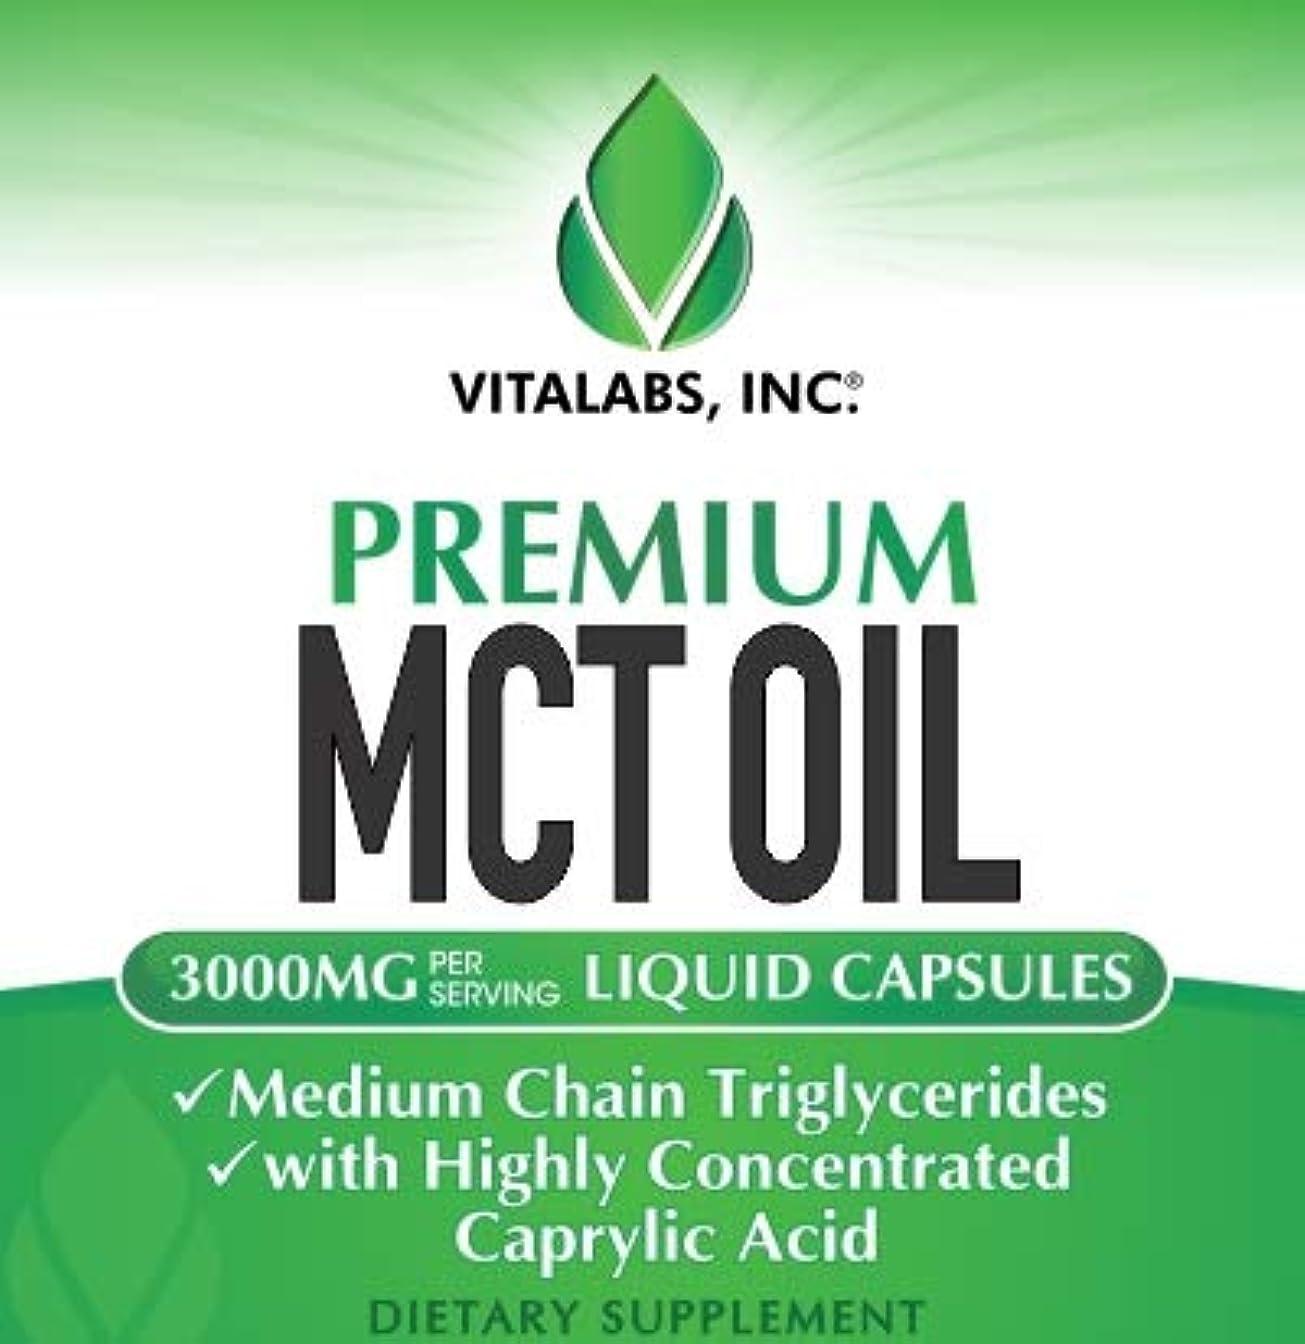 アウター肉屋晩餐取りやすいジェルカプセルタイプ?ココナッツ由来-MCT オイル/3000mg(1Serving=4カプセル) 120Capsules 【Vitalabs.MCT Oil】 (1)